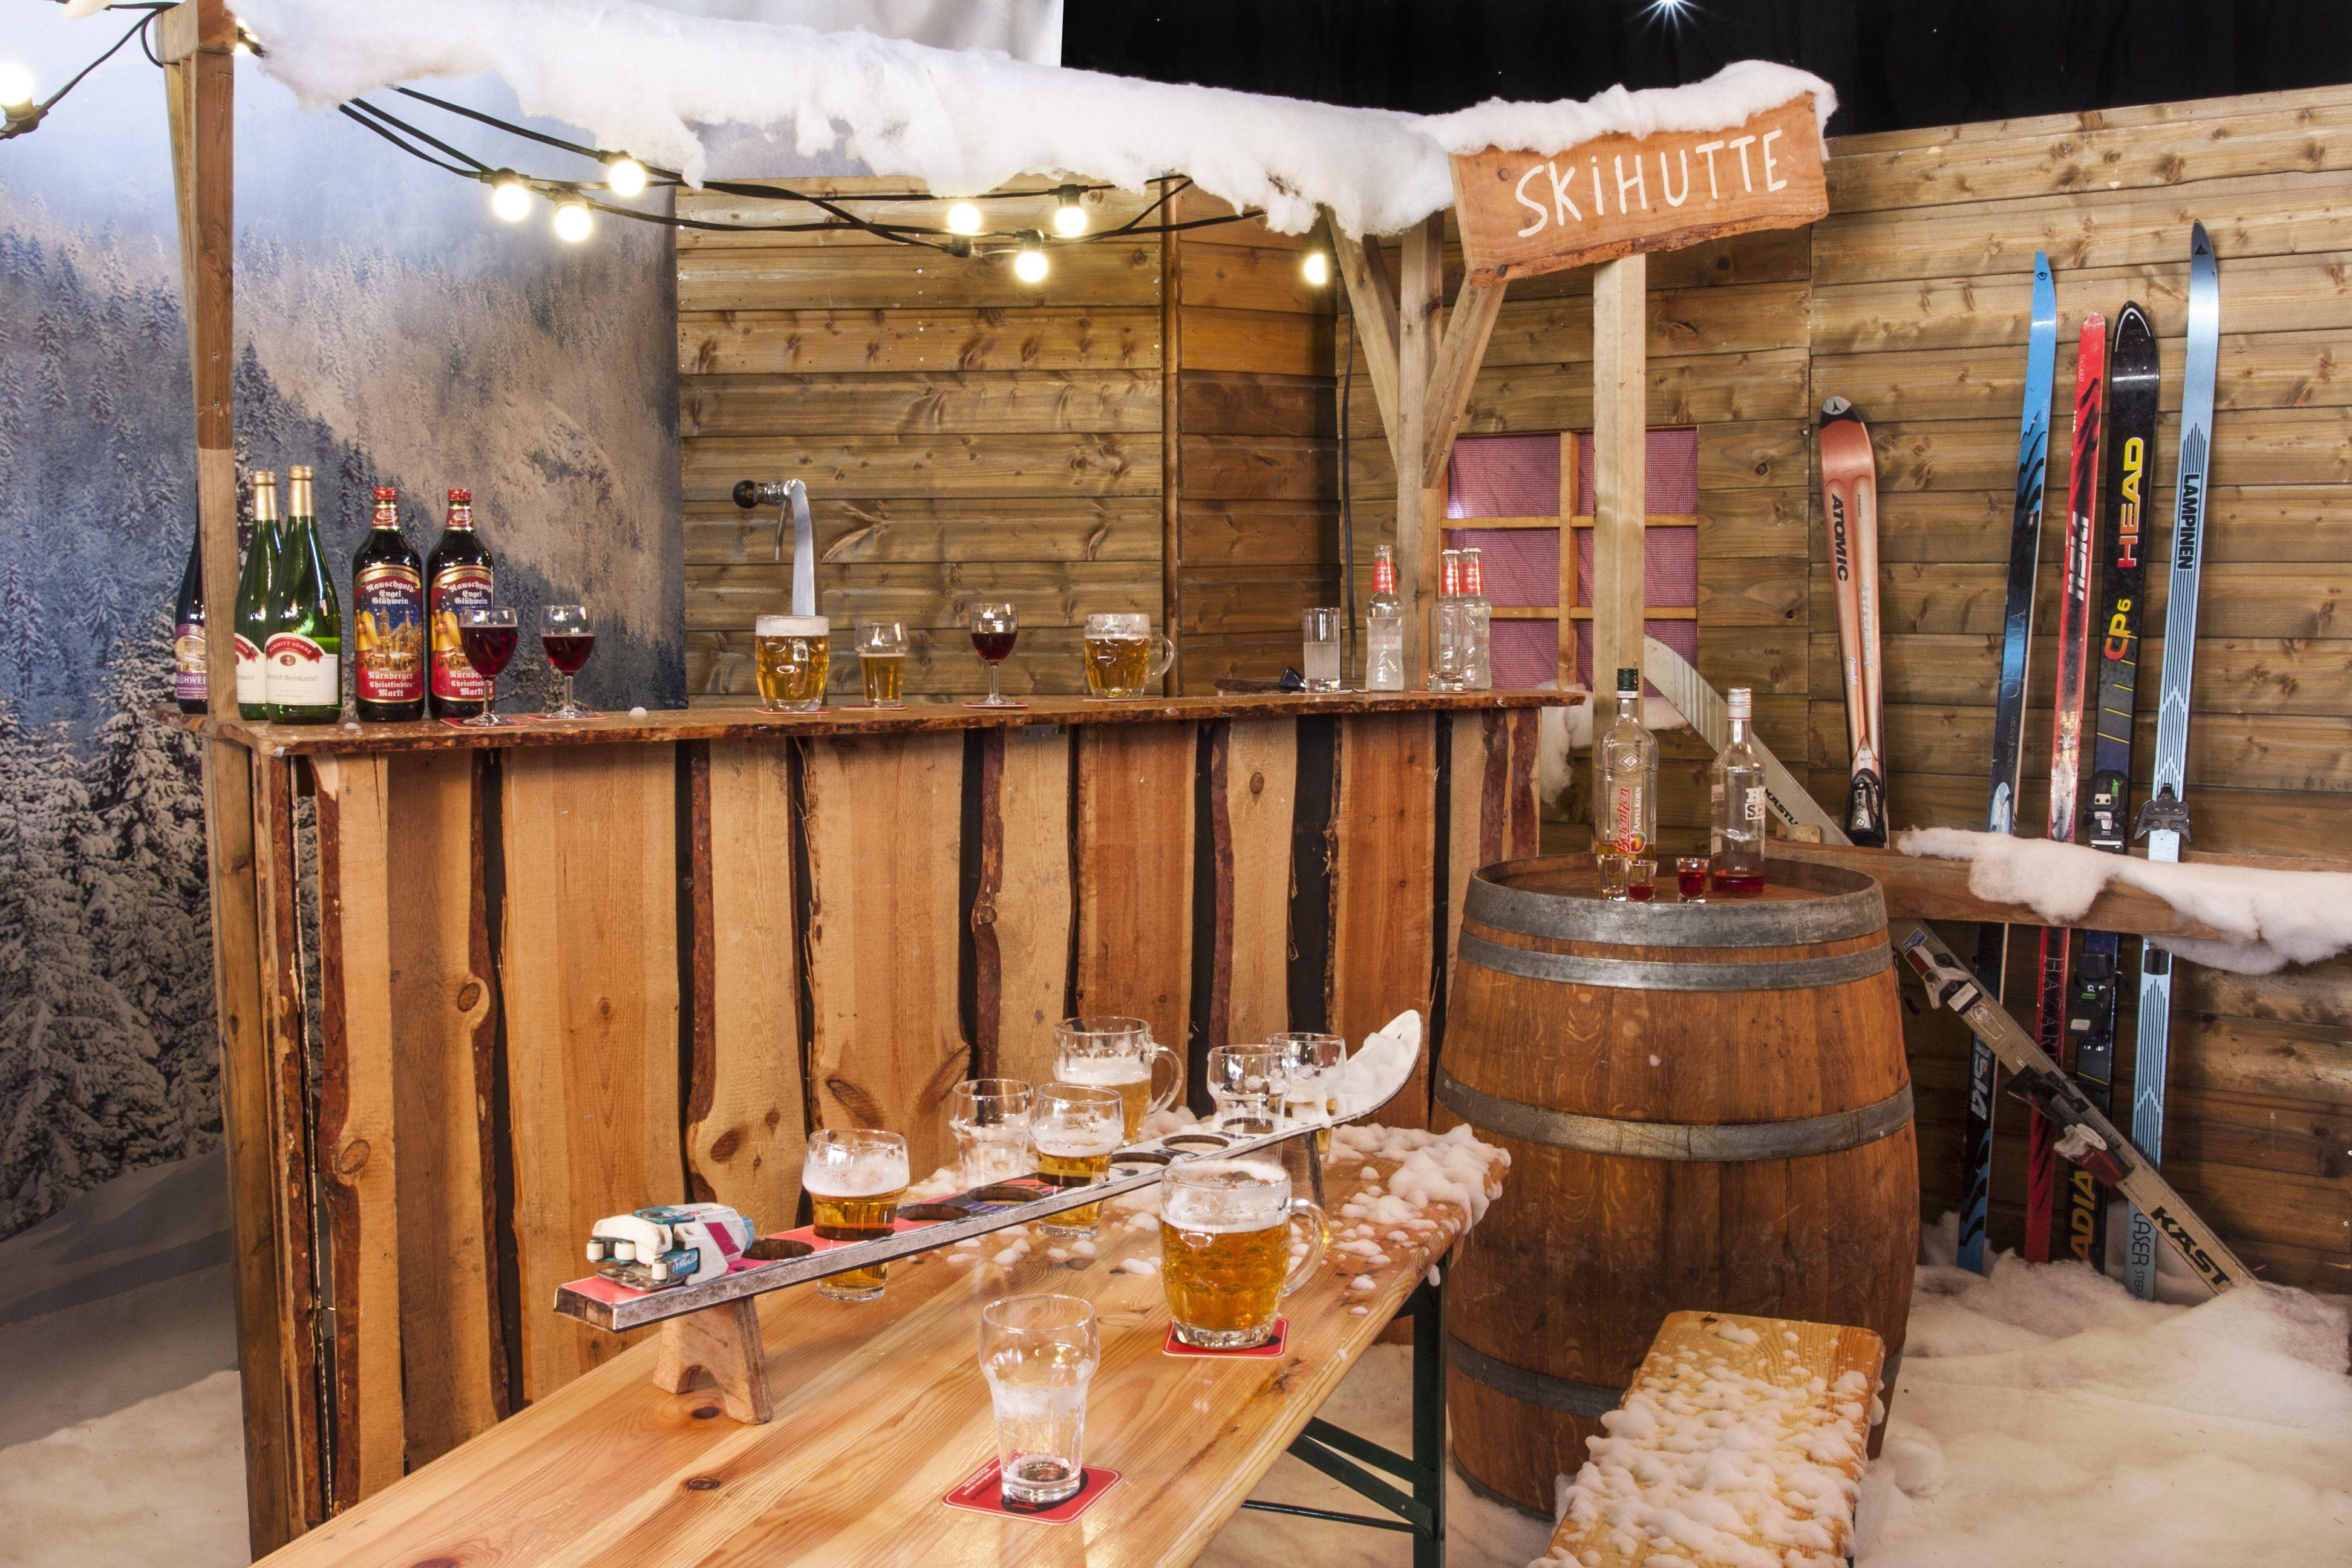 Gezellige apr s ski party in de sneeuw deze decoratie huurt u bij ome piet verhuur - Decoratie bar ...